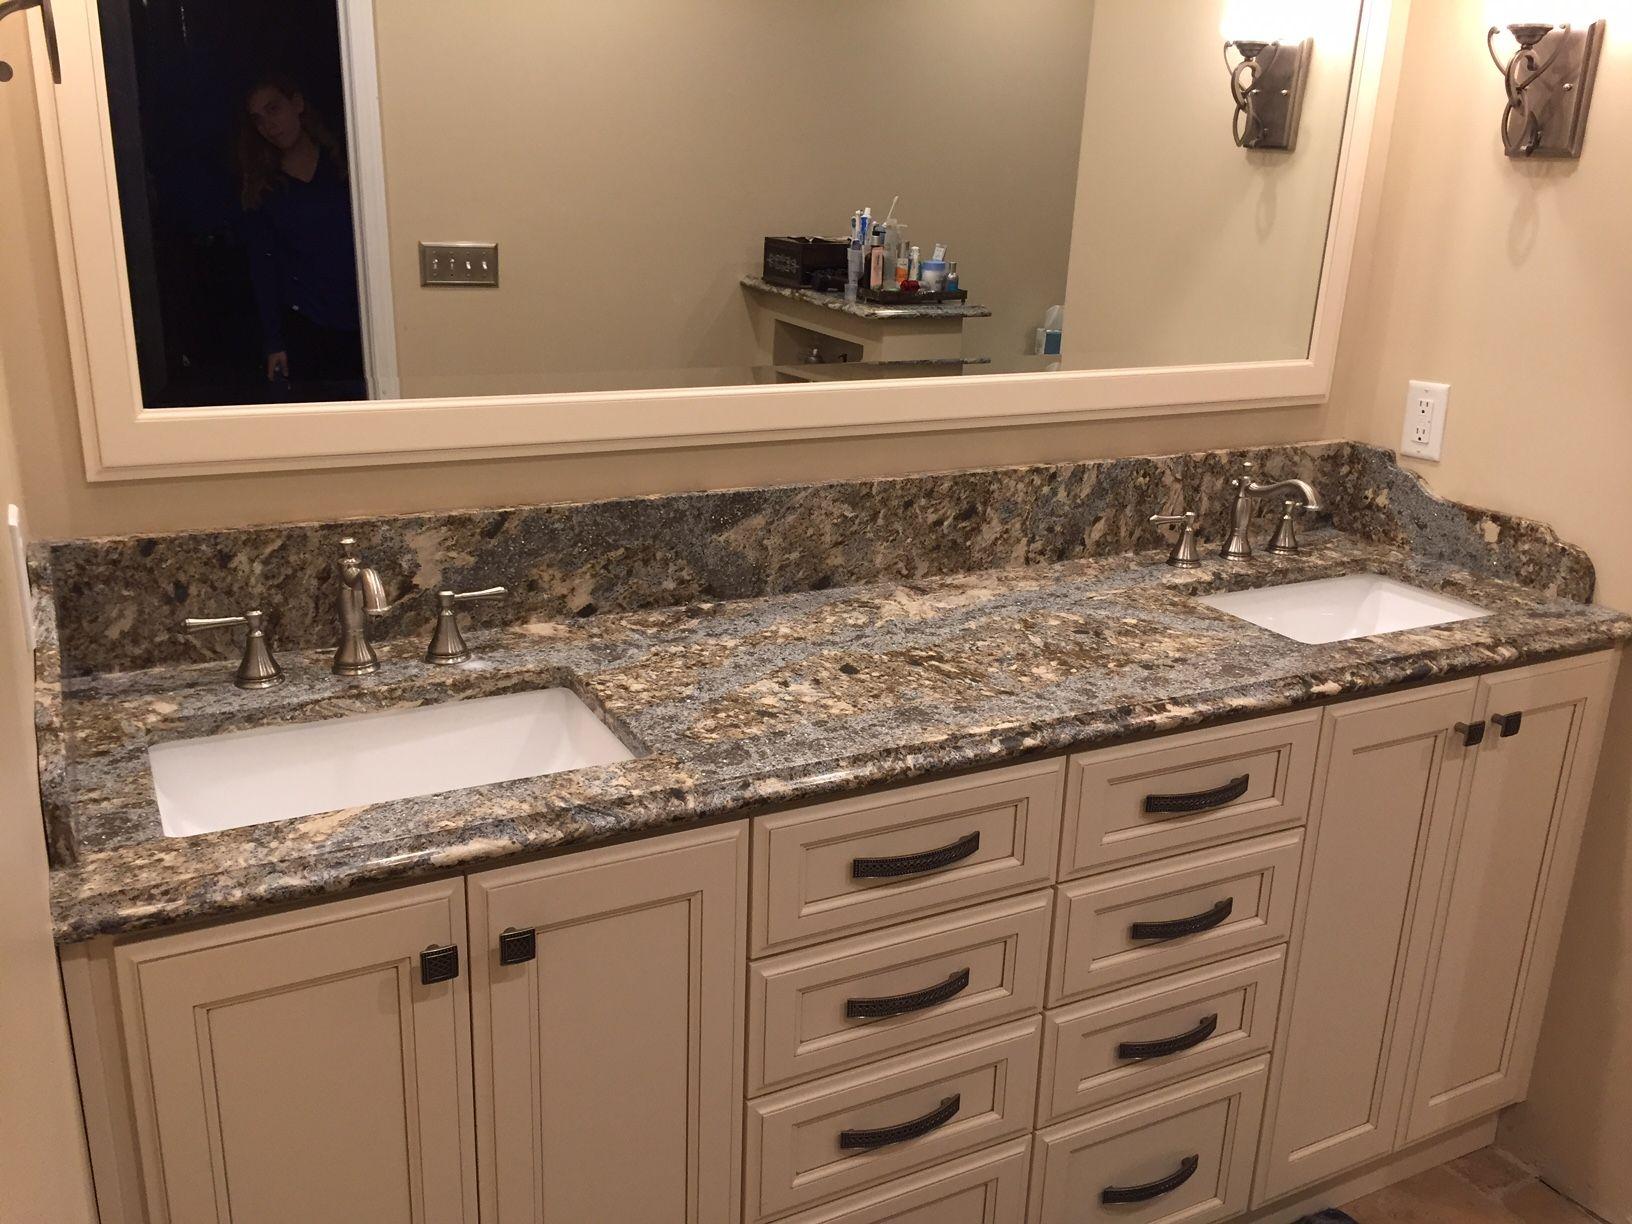 Helmsley Vanity Cambria Countertops Quartz Bathroom Updated Kitchen